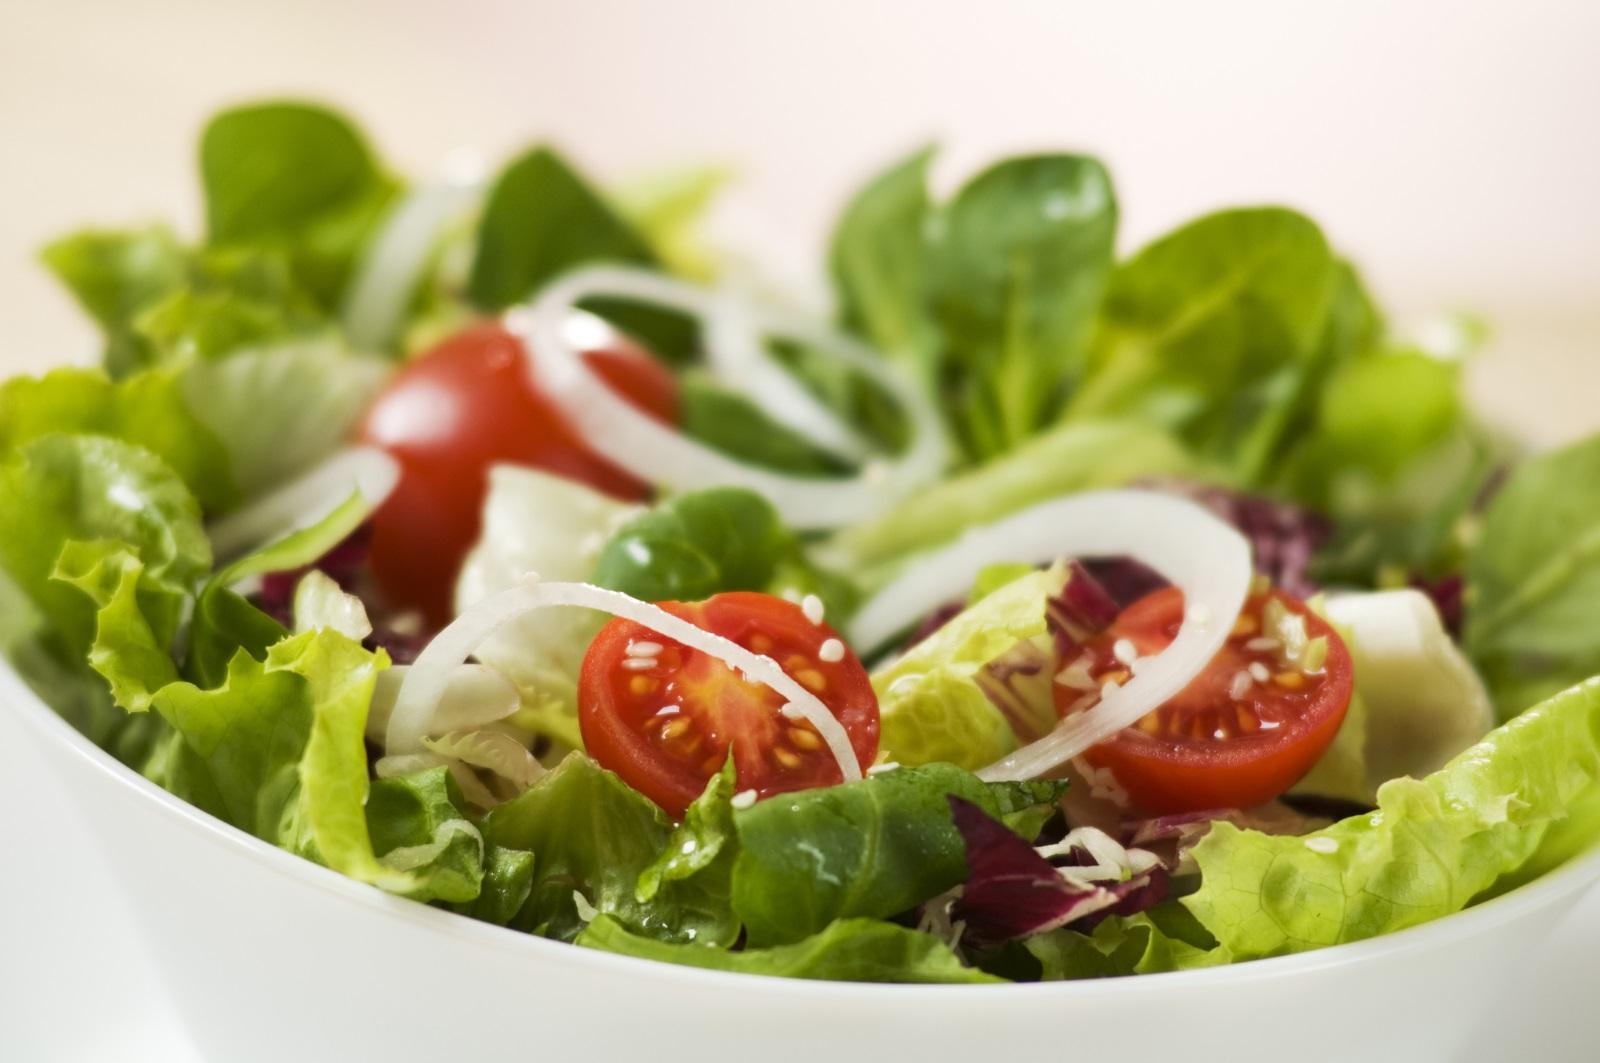 Разнообразието от тези зеленчуци през пролетта е голямо. Това е един от най-добрите начини да си набавимжелязо. В менюто ни трябва да има зелени салати, домати, чушки, зелен лук, коприва.